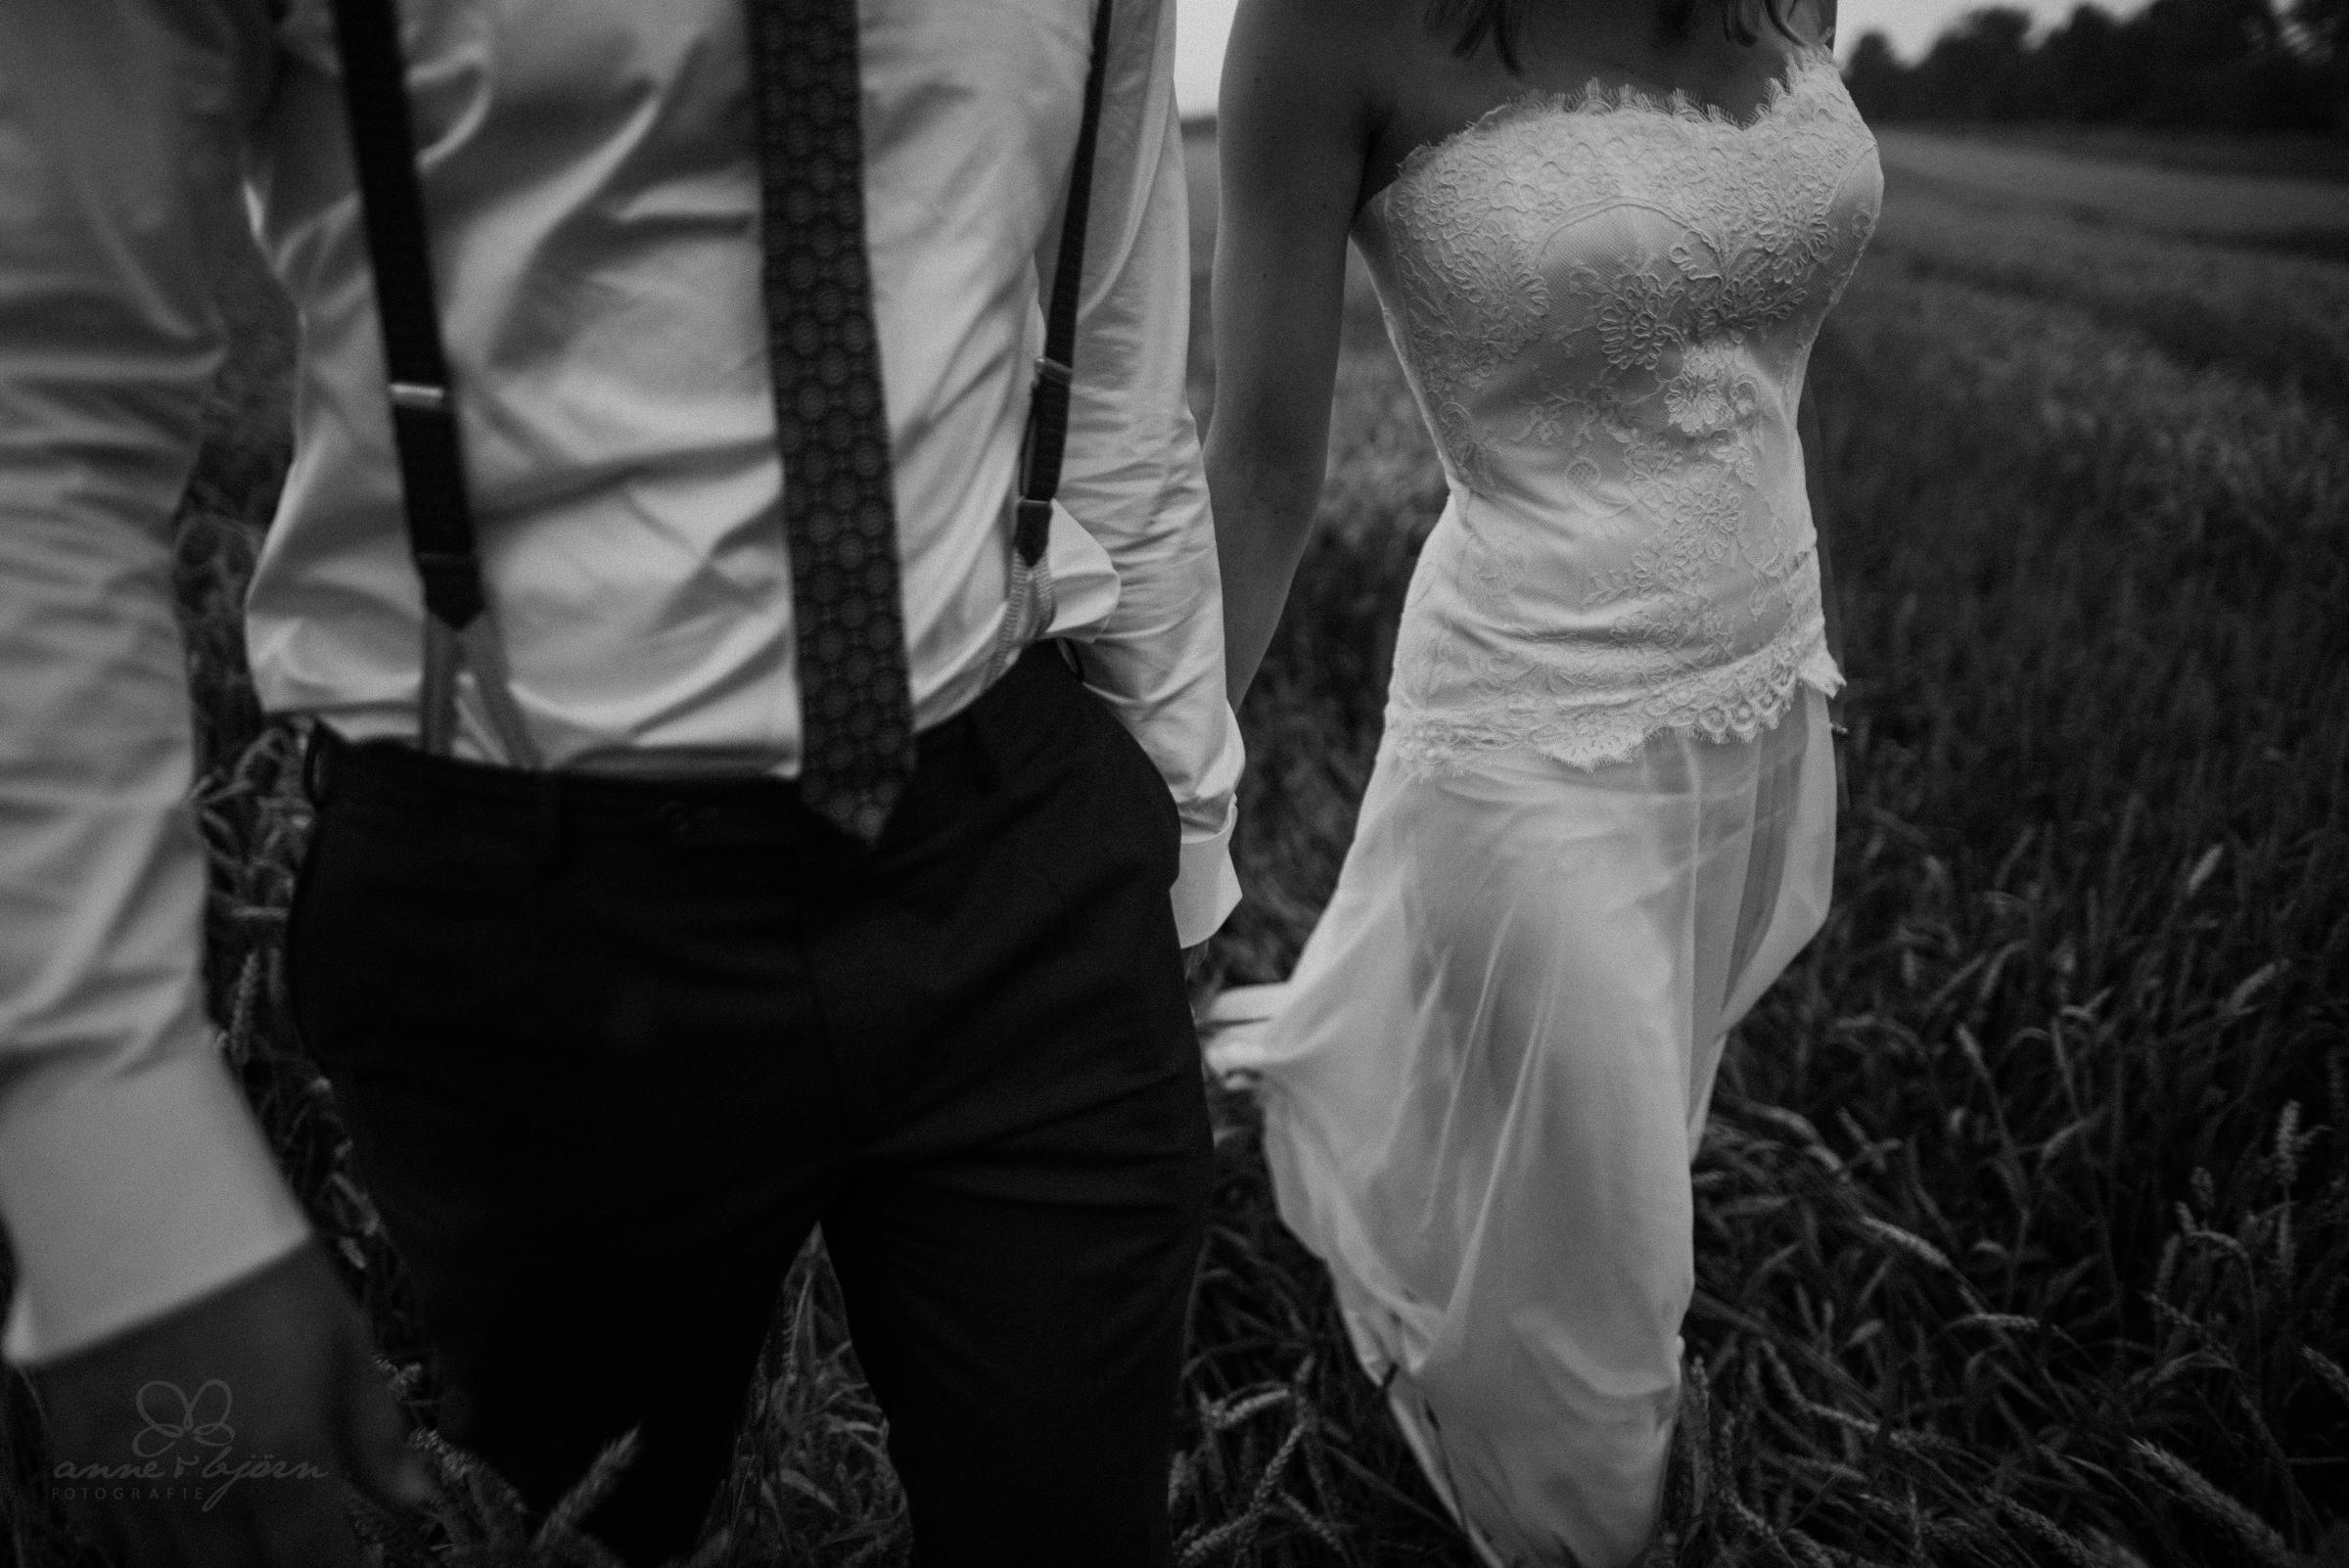 Hand in Hand, schwarzweiß, Brautkleid, Spitze, Schlips, Feld